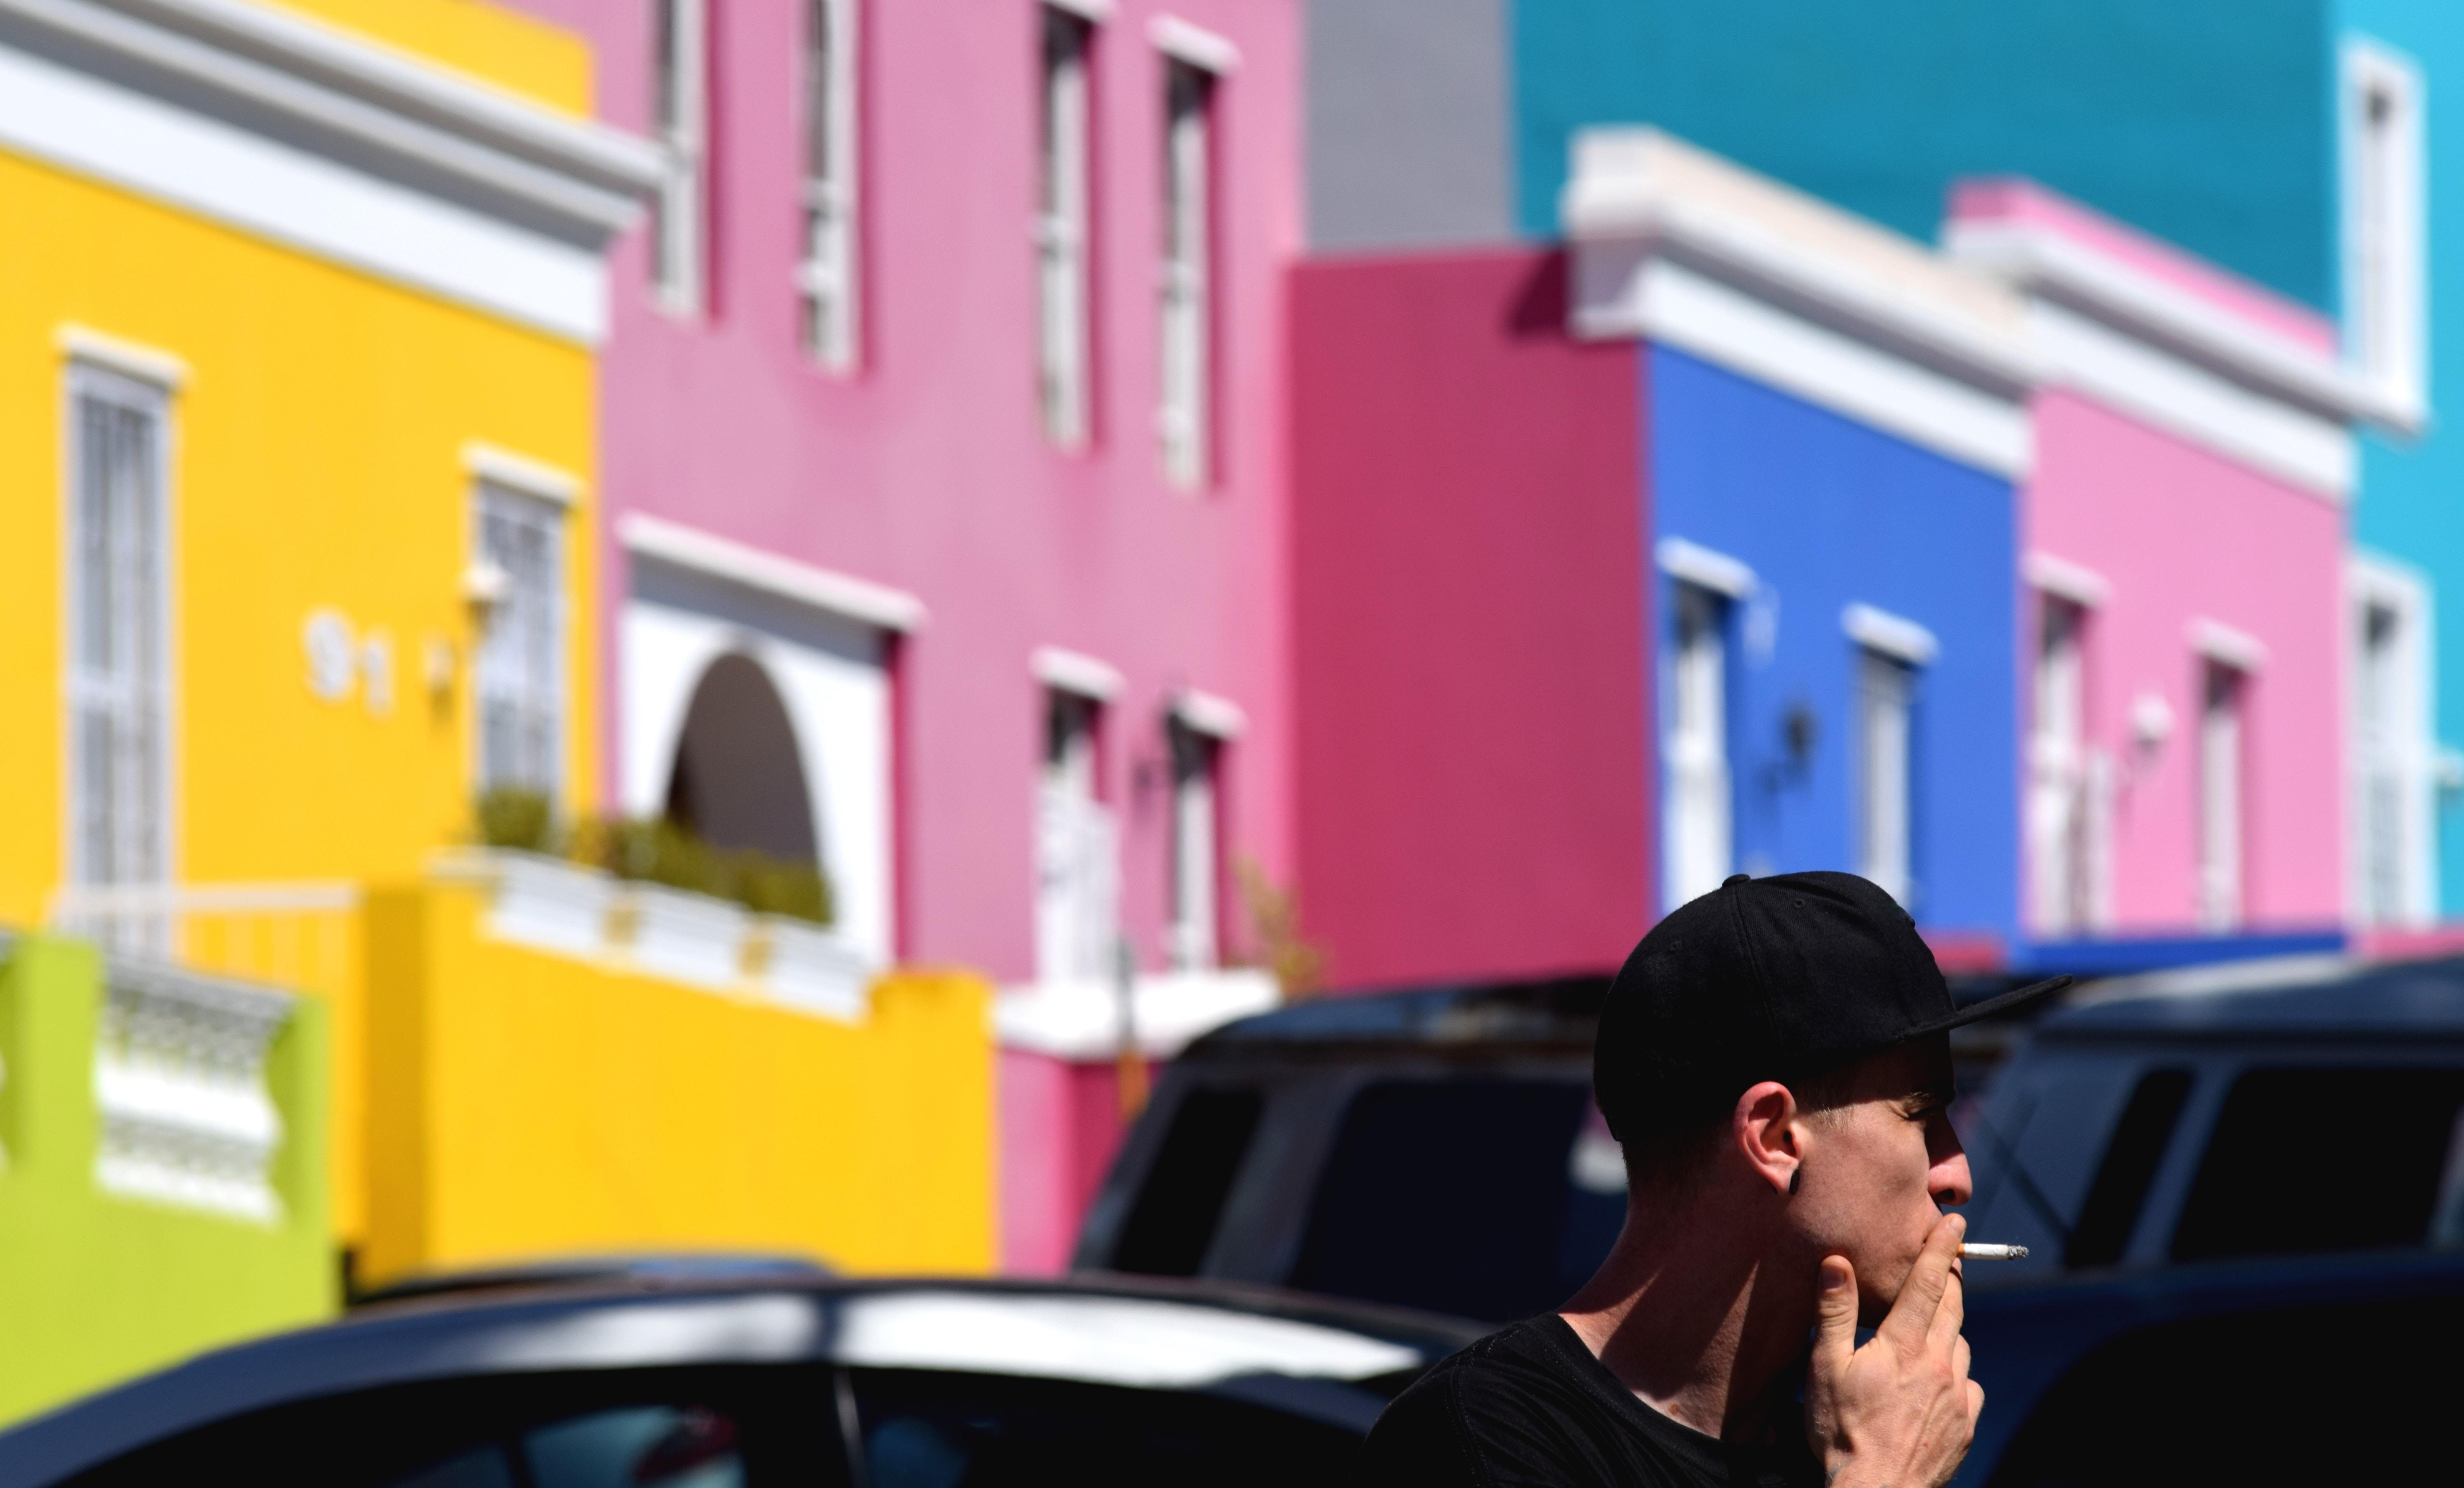 man wearing black cap smoking